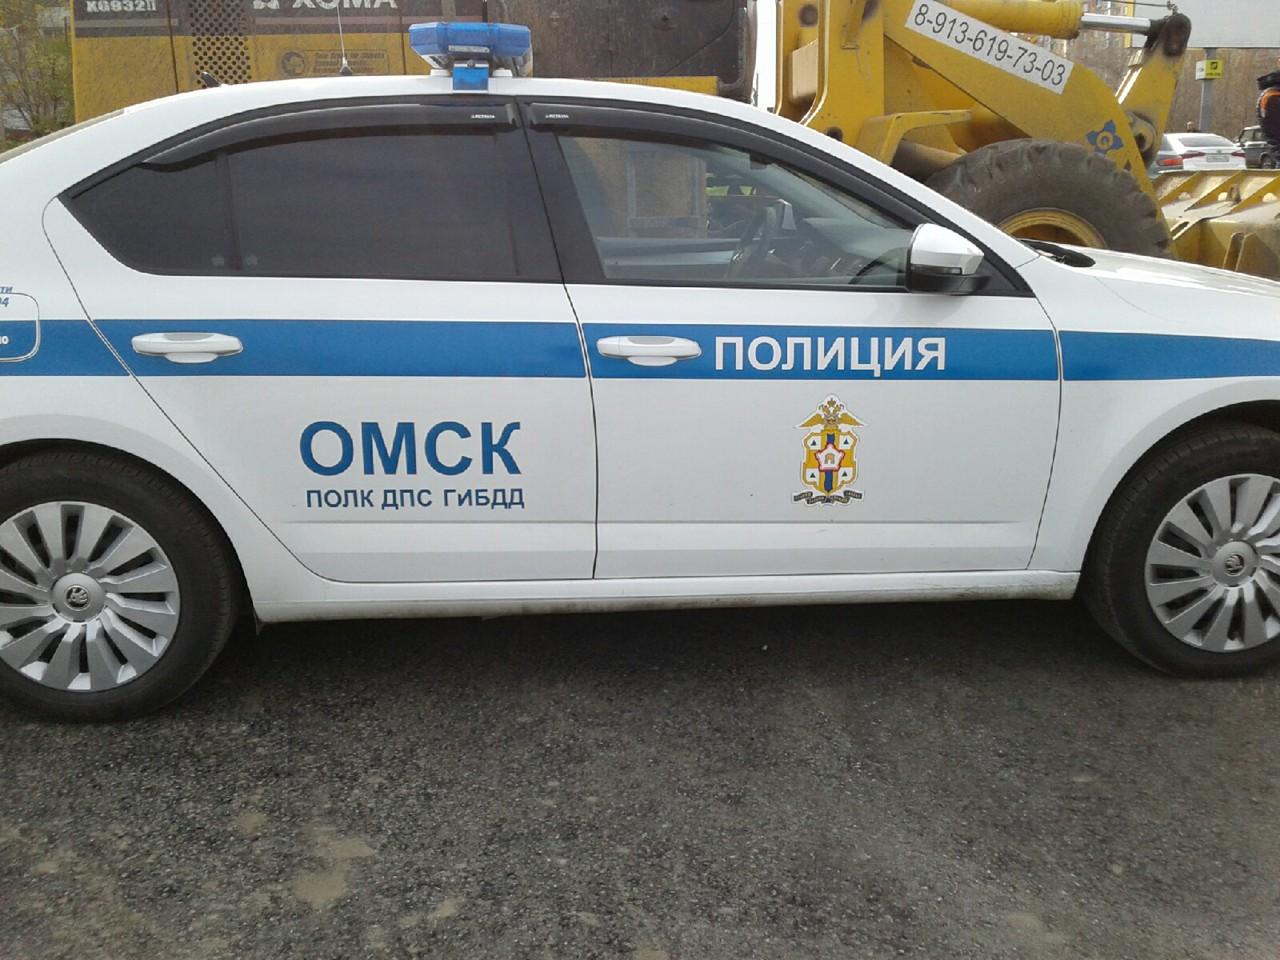 У старого аэропорта в Омске сбили школьника #Омск #Общество #Сегодня